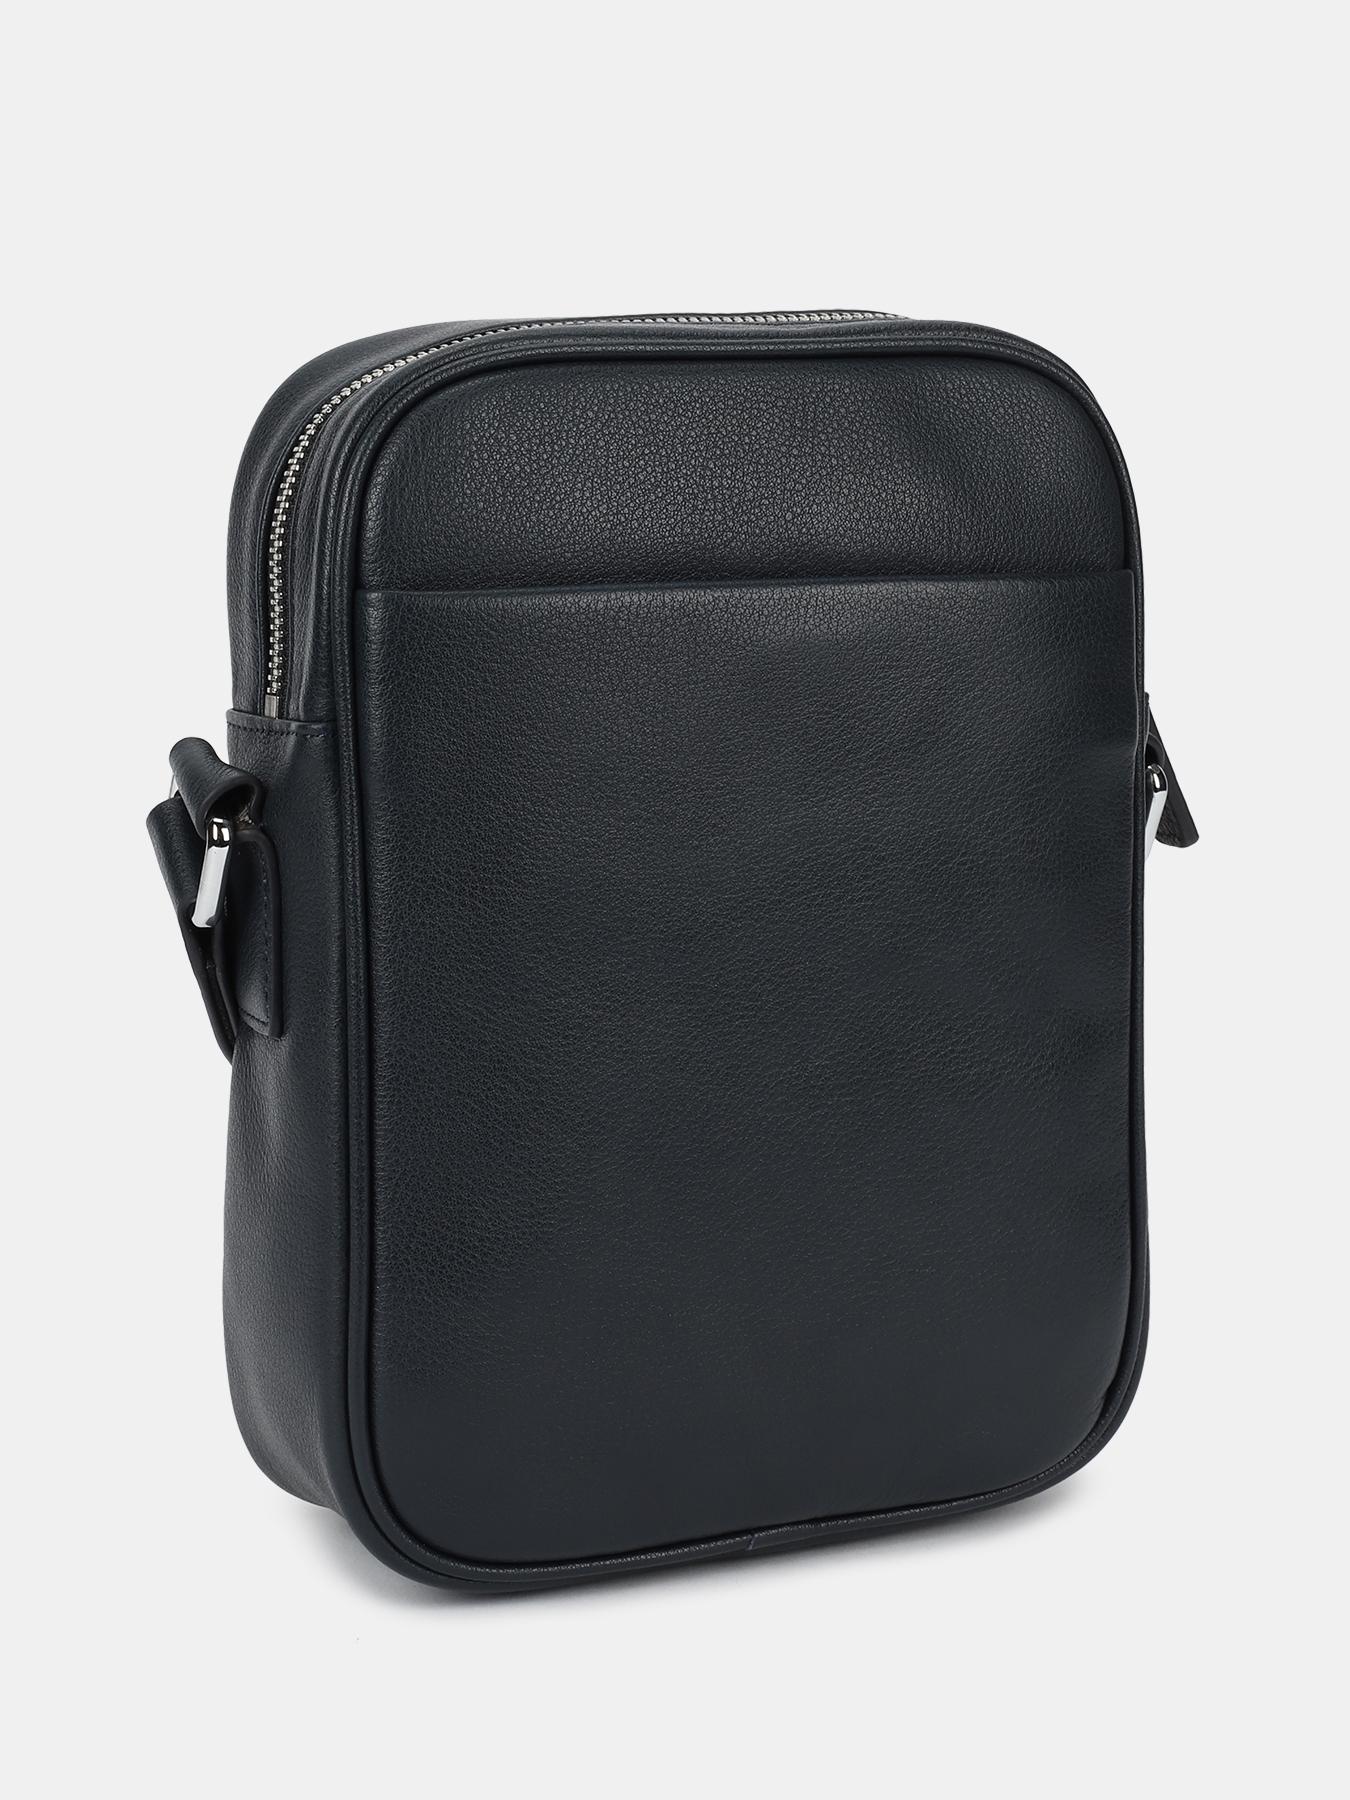 Сумка Cerruti 1881 Кожаная сумка